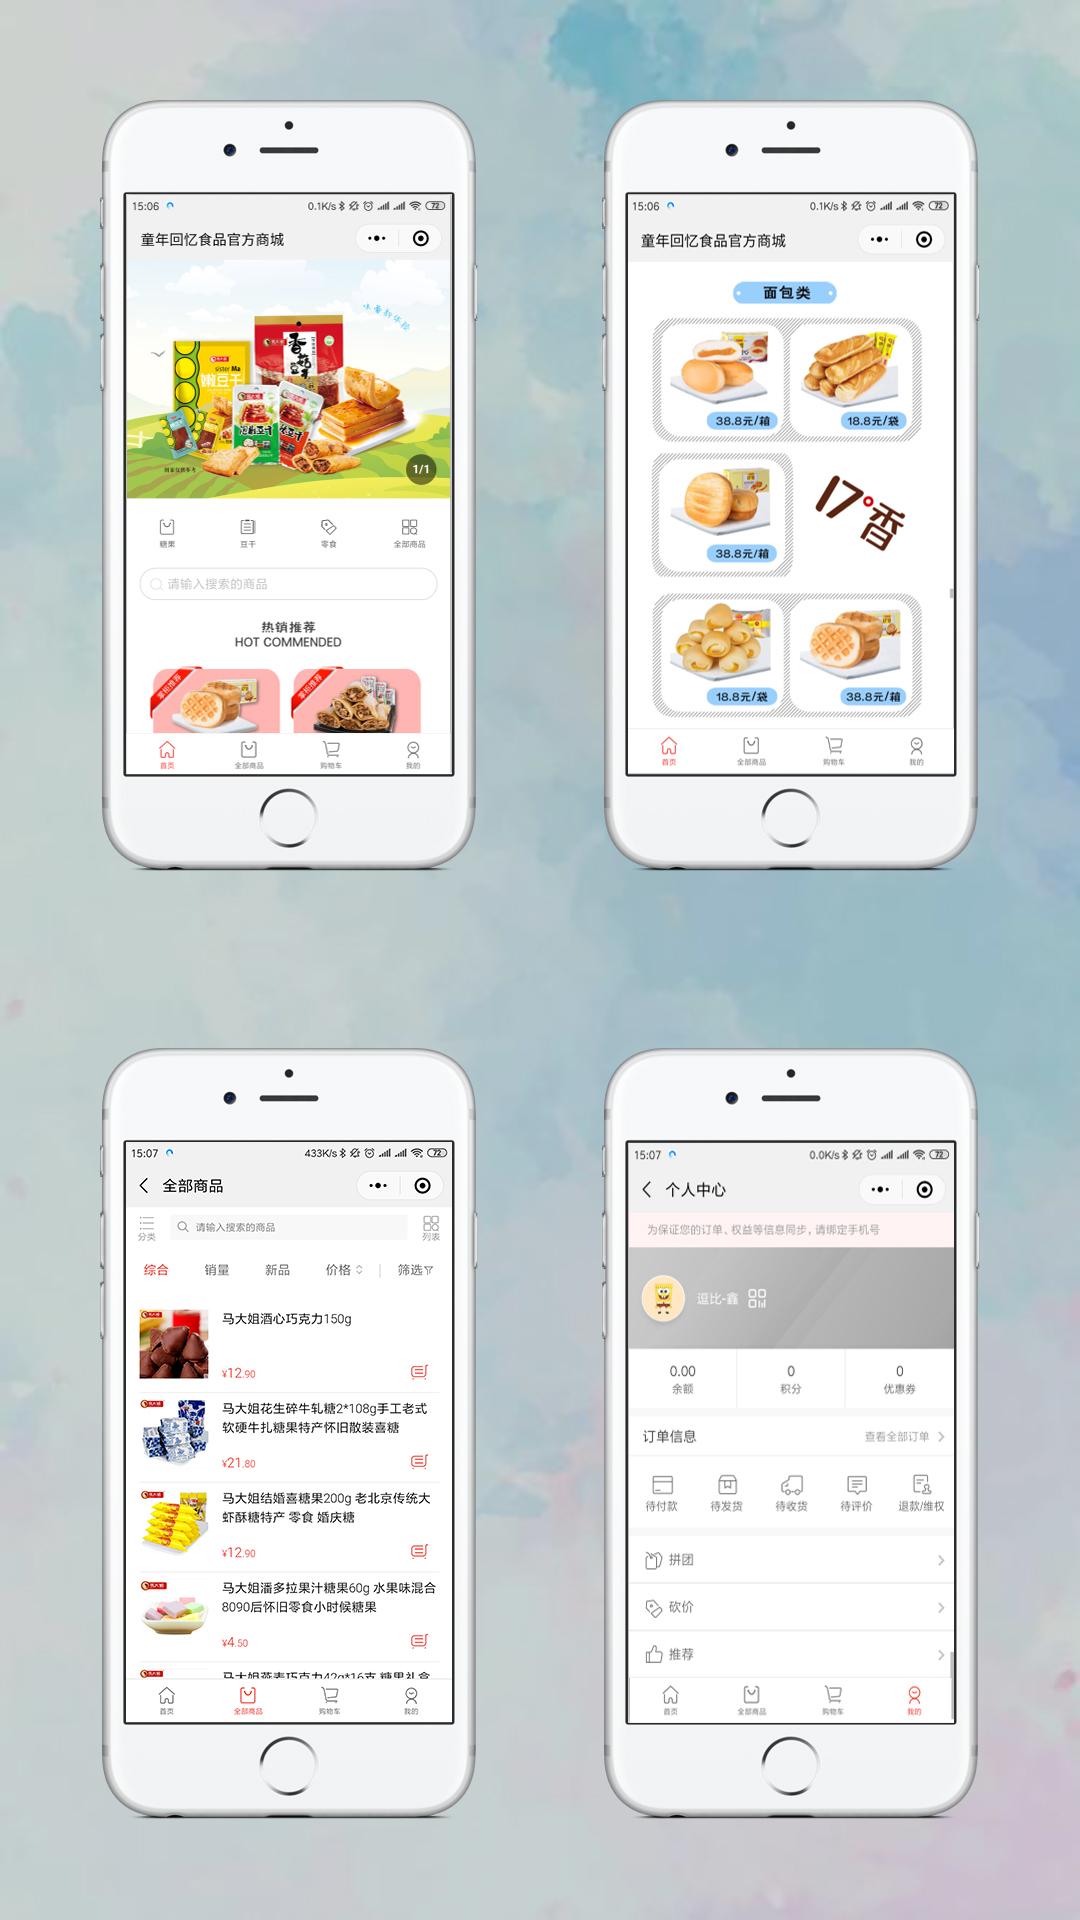 食品商城微信小程序制作案例